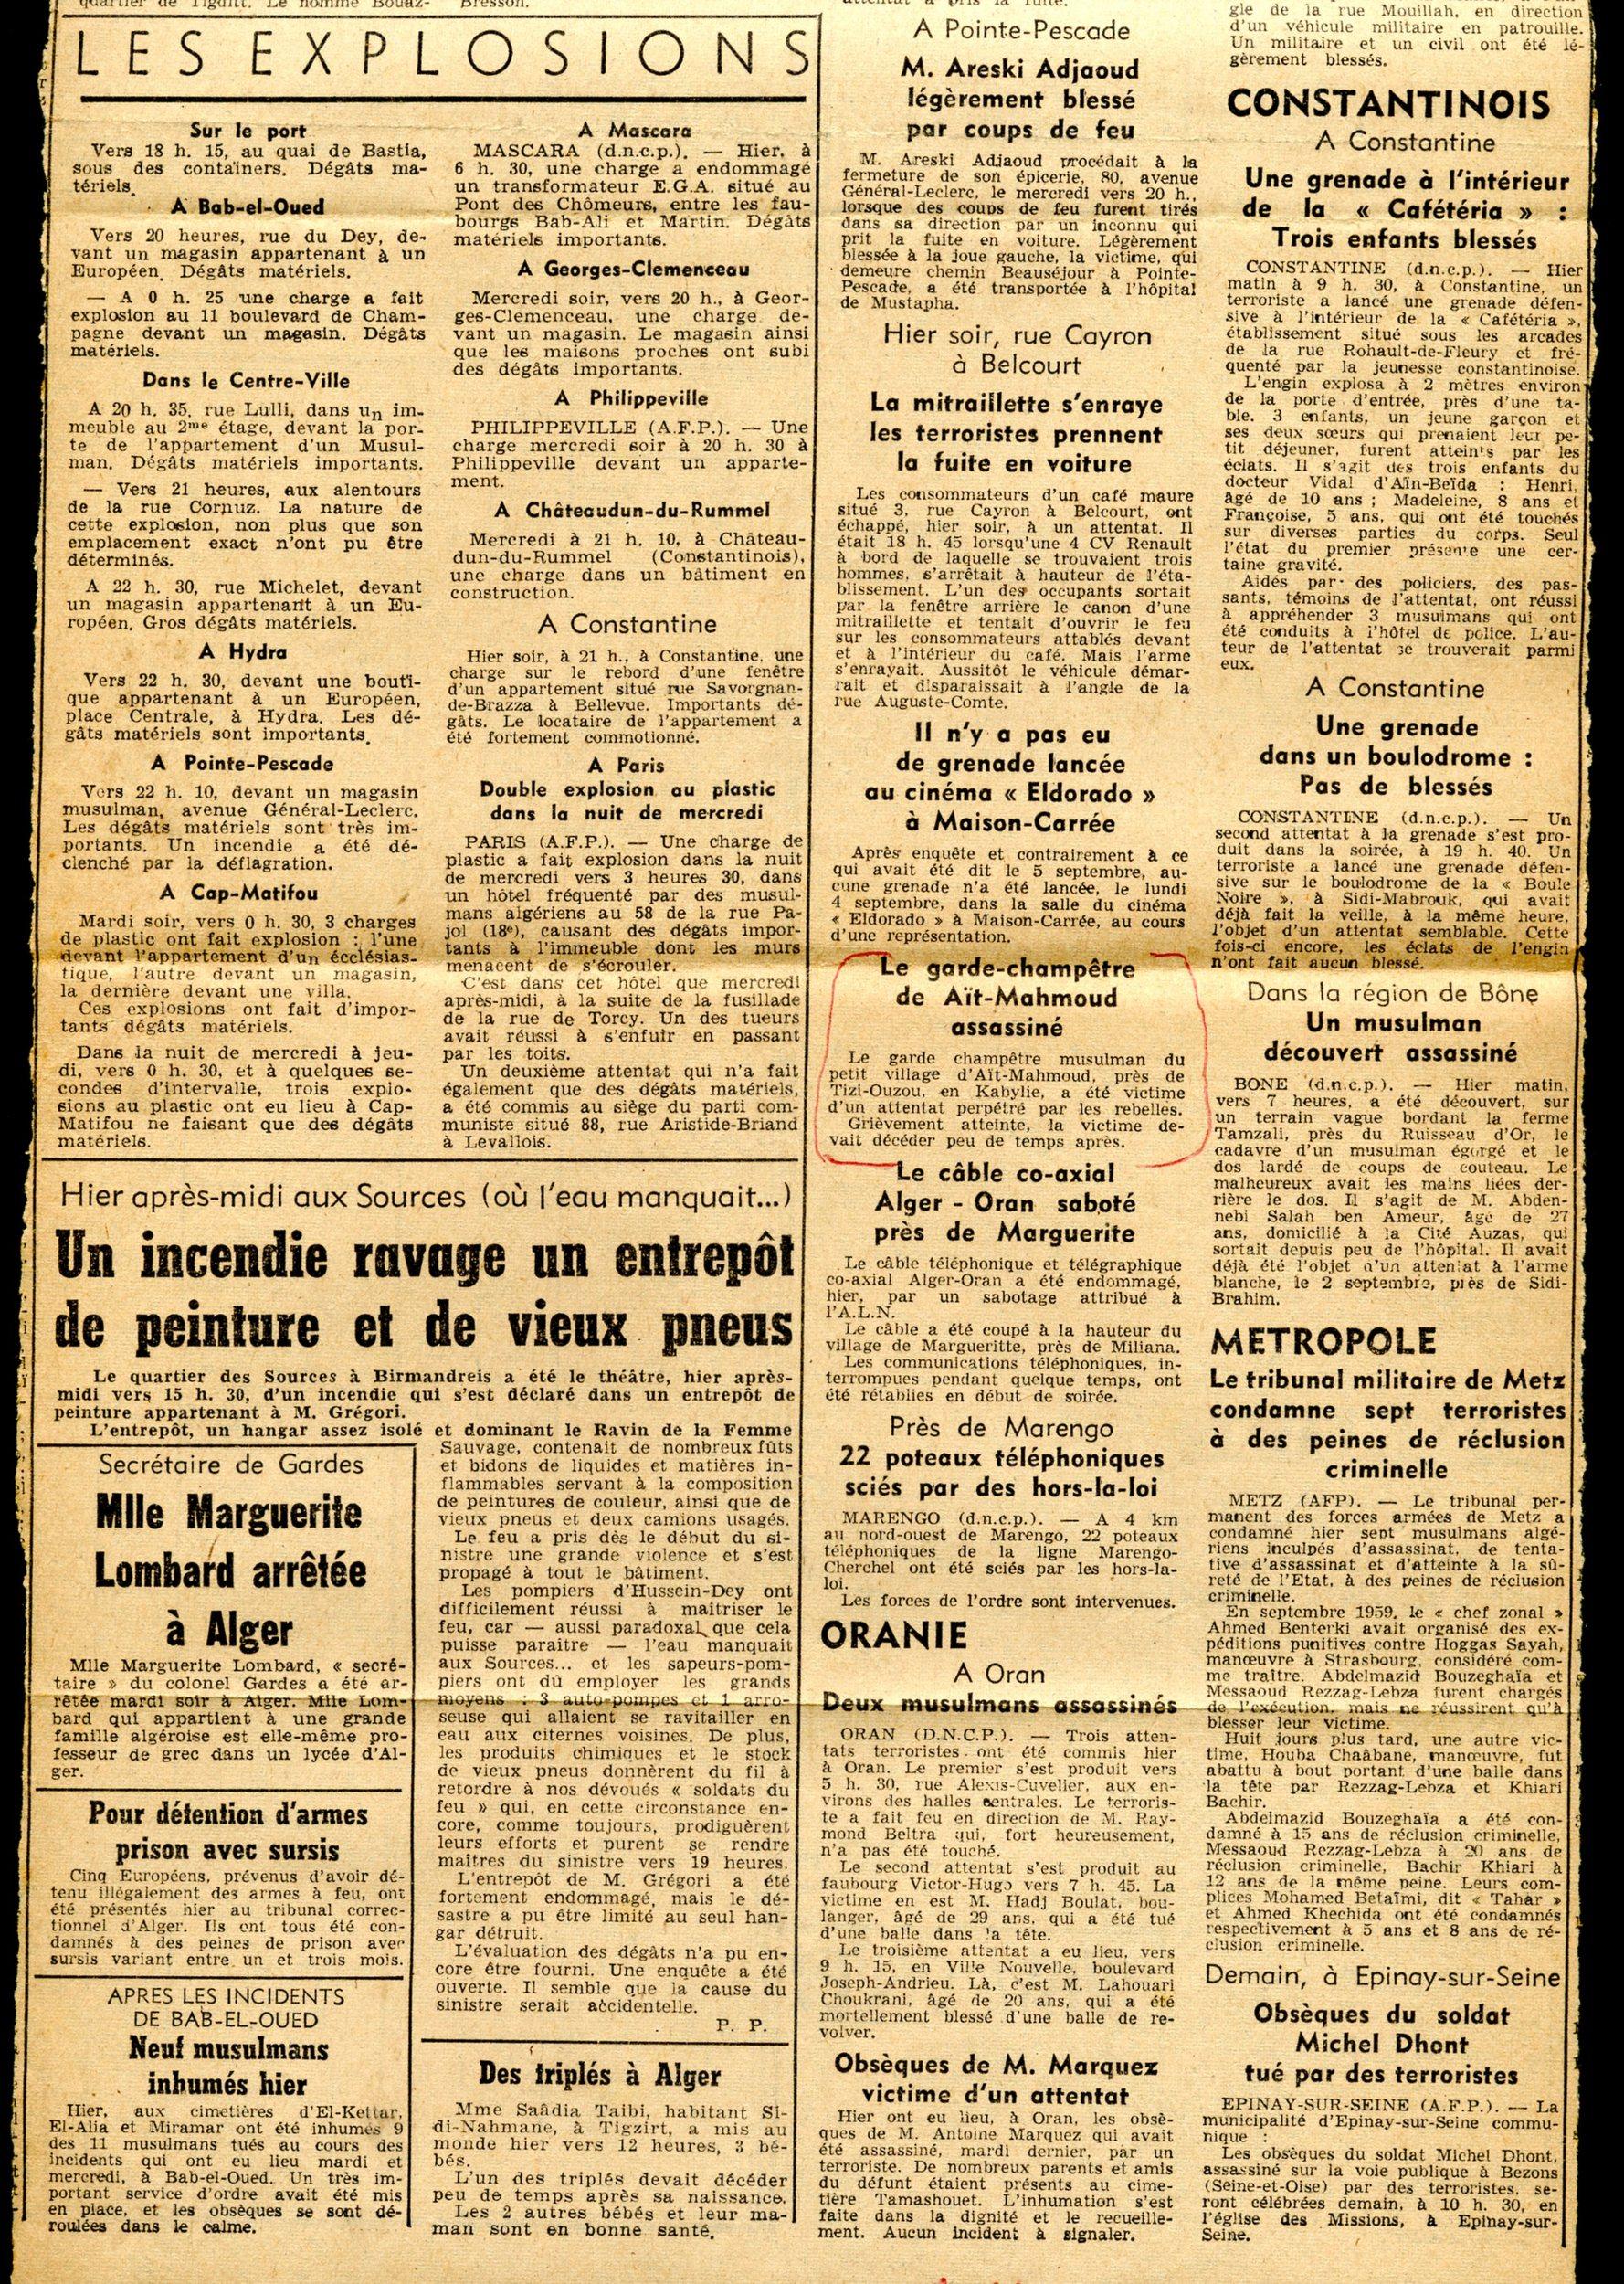 REC_MAN_JOUR22_journaux coupure2(suite) entre f1 et f2.jpg